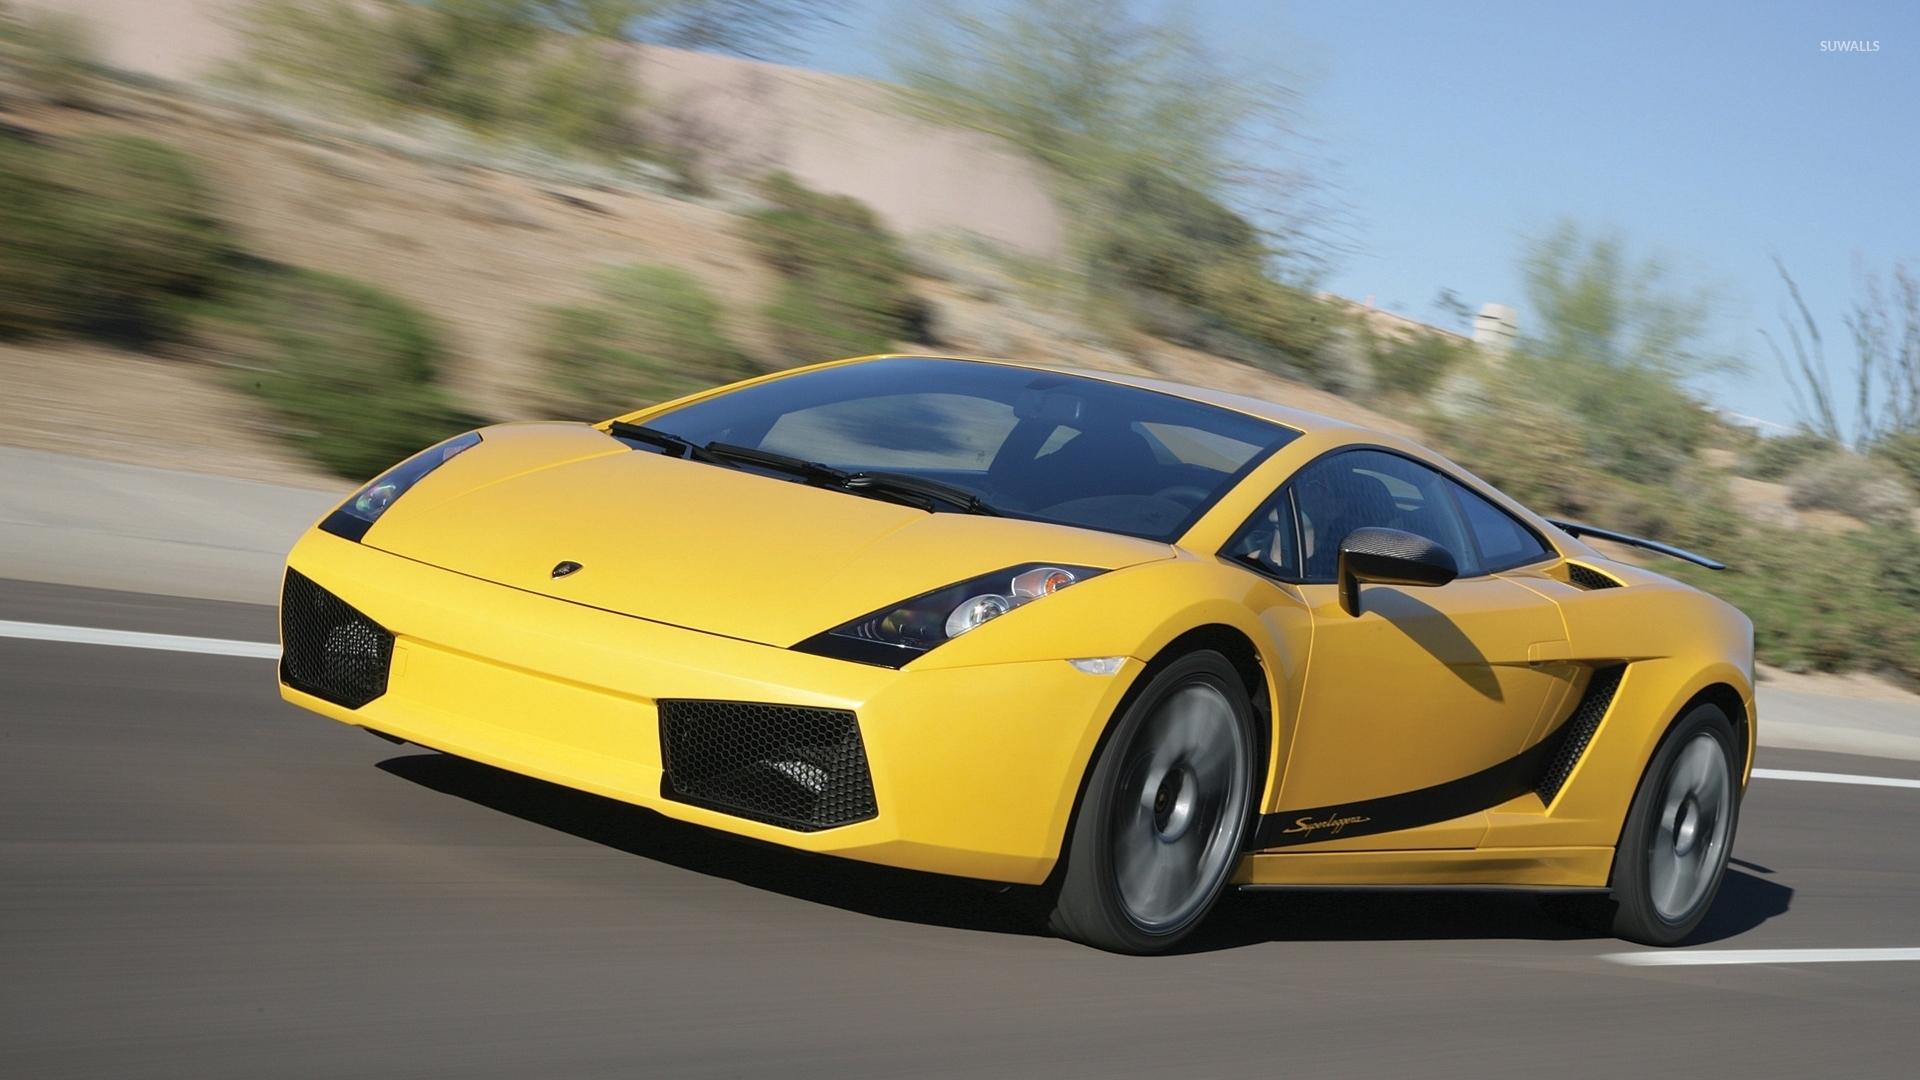 lamborghini gallardo superleggera 2 wallpaper - Lamborghini Gallardo Superleggera Wallpaper